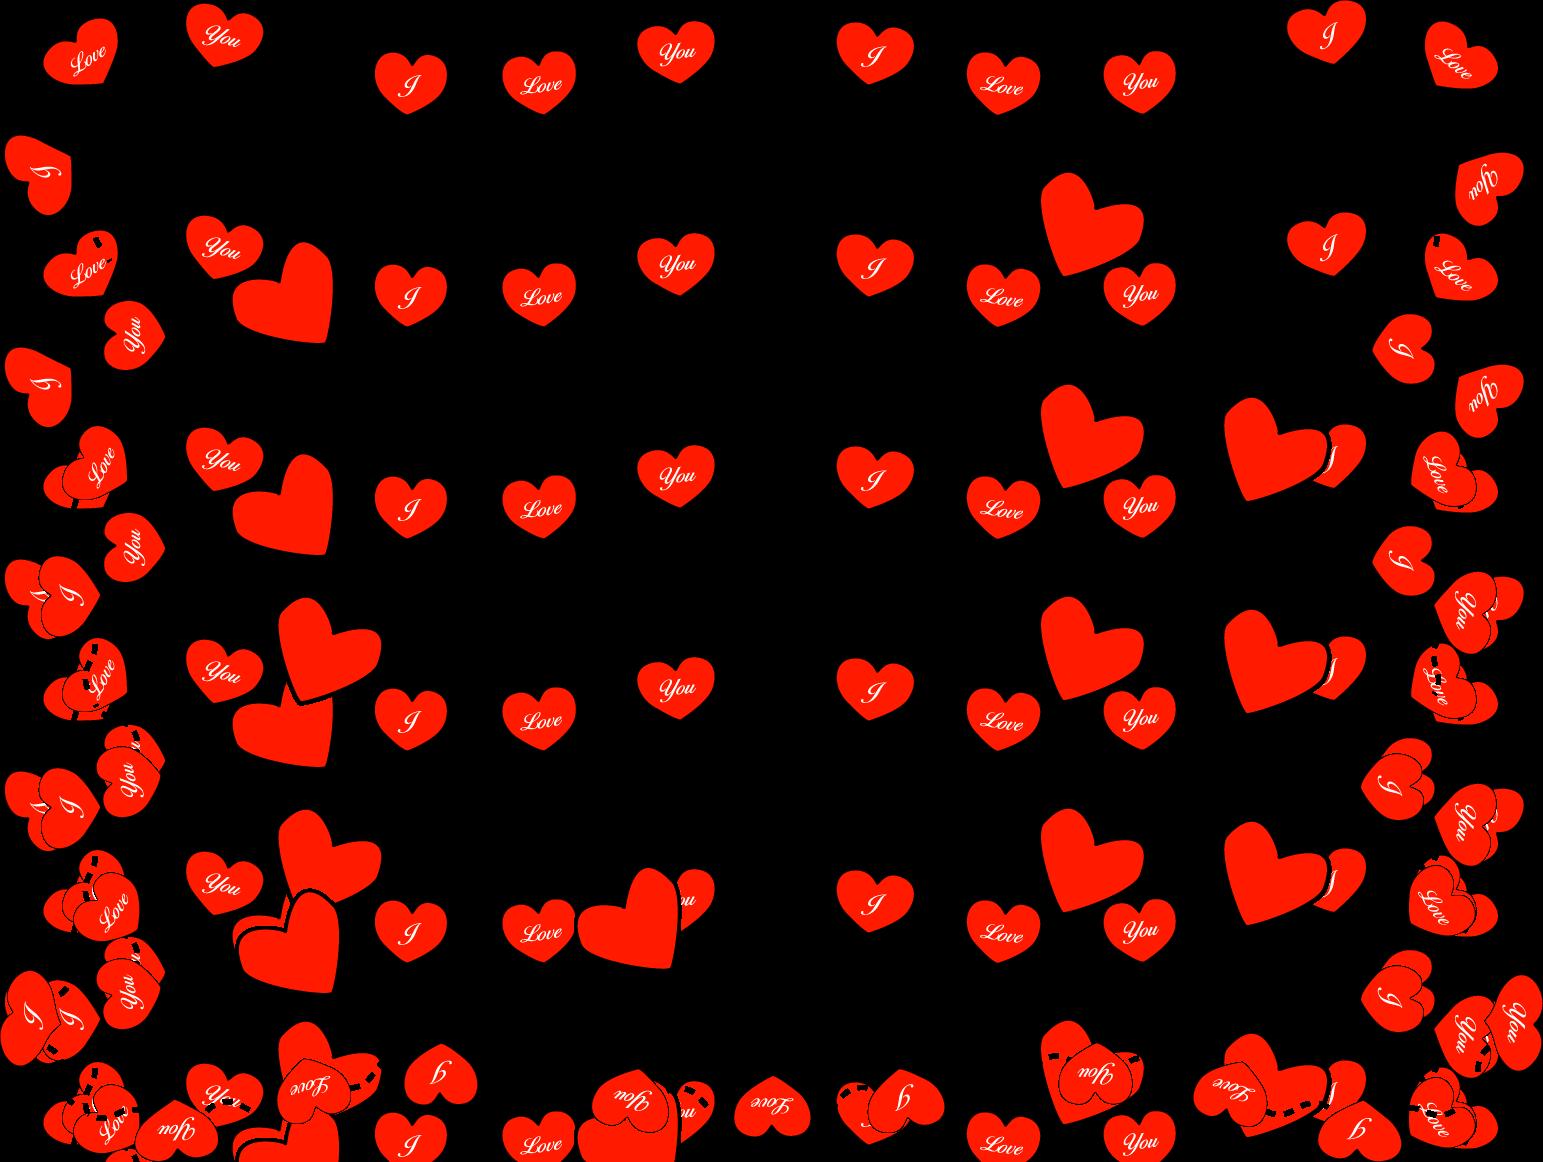 valentines clip art 9 wide wallpaper hdlovewallcom